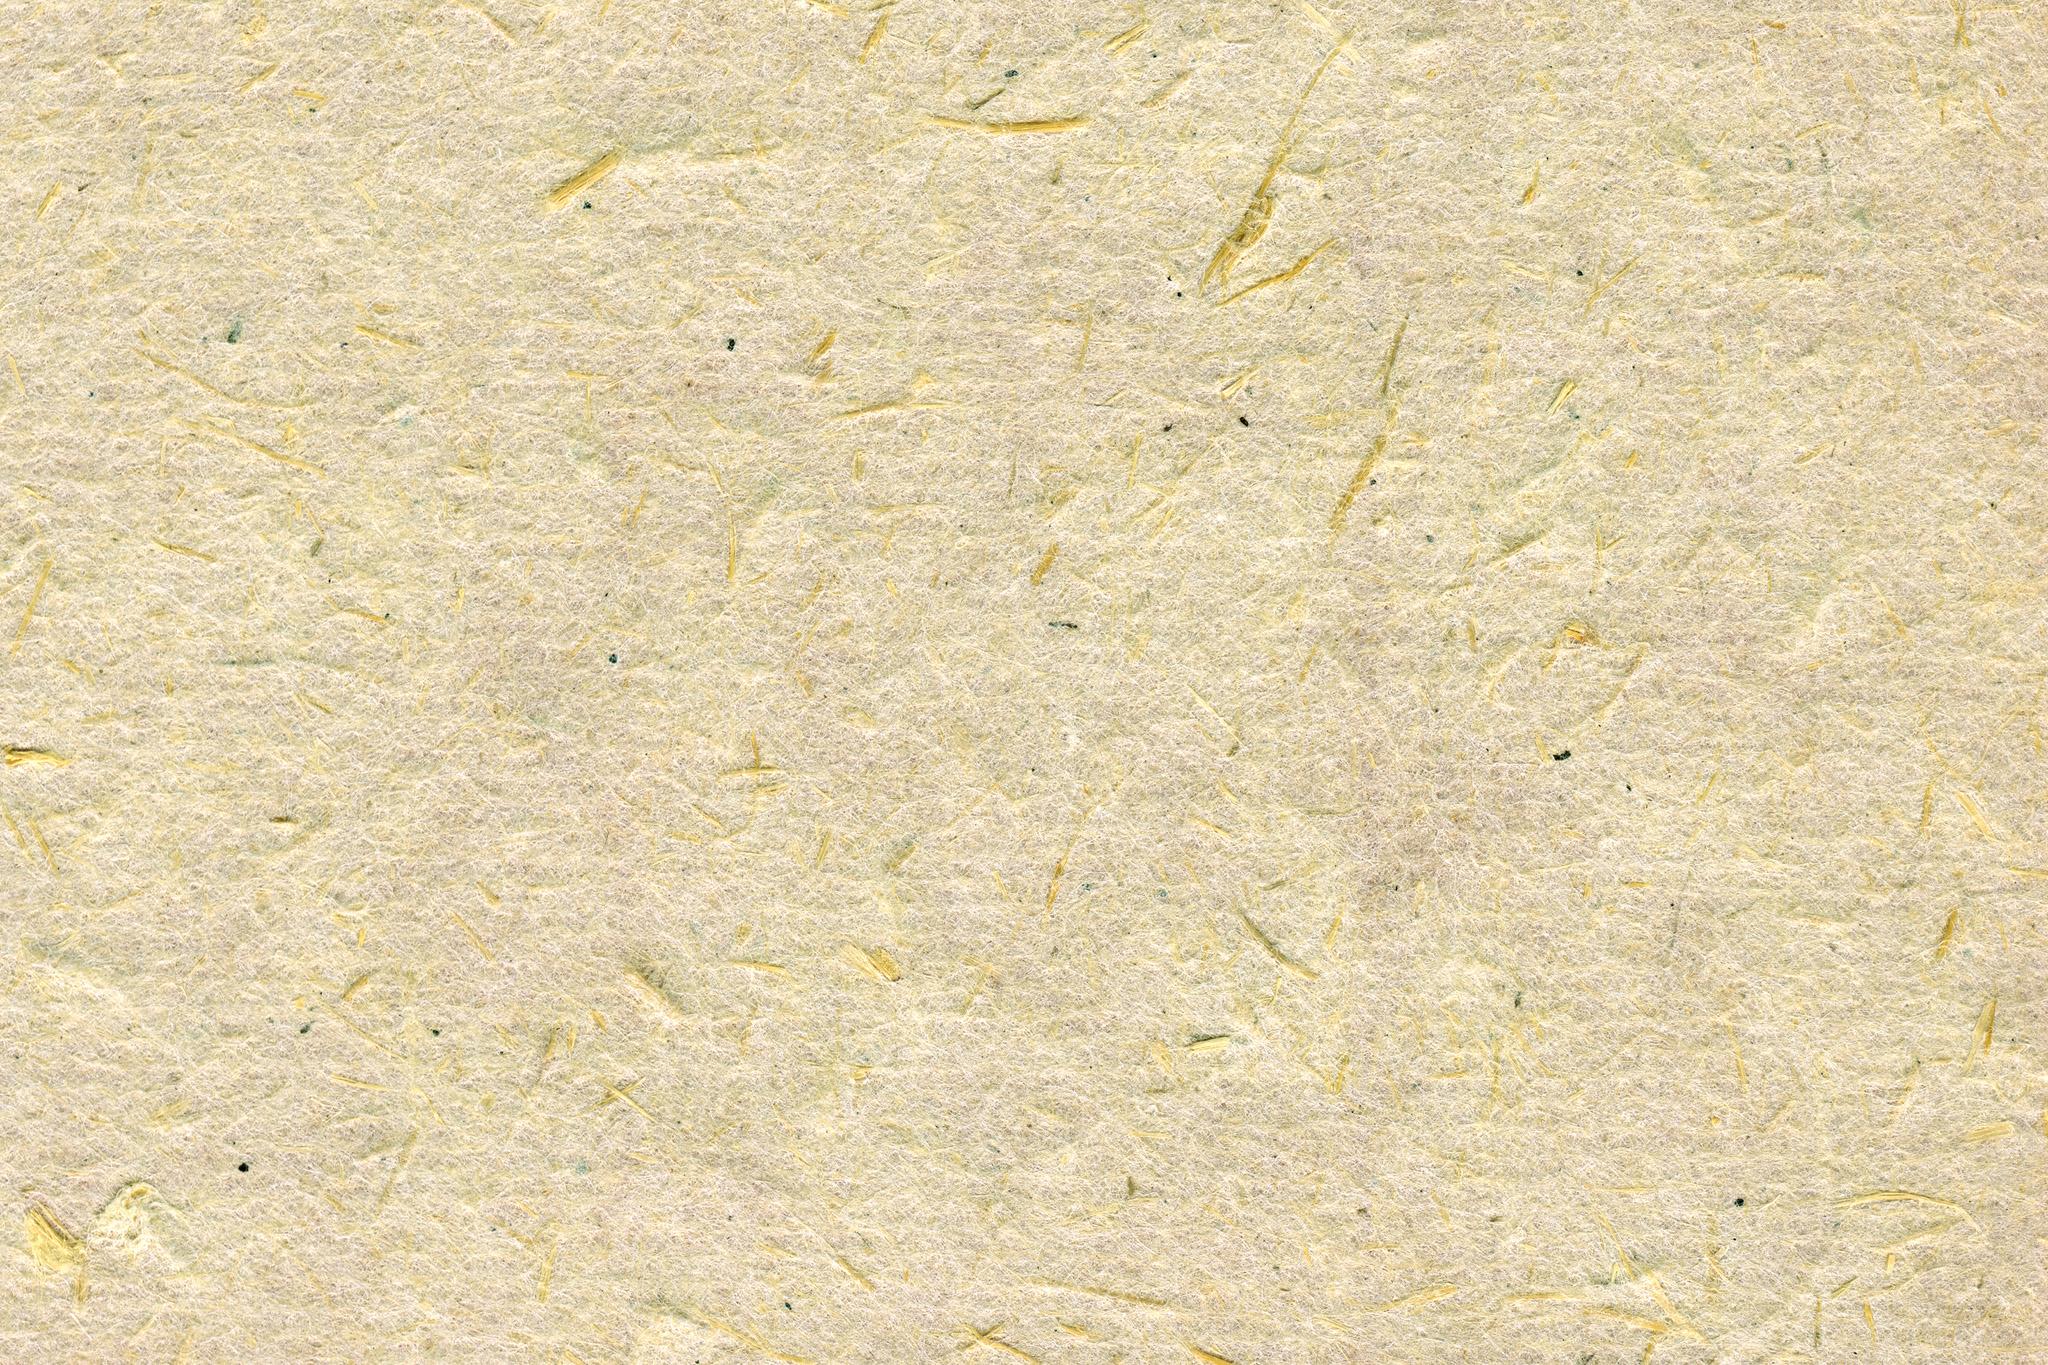 「楮と細い繊維のテクスチャがある和紙」の画像を無料ダウンロード